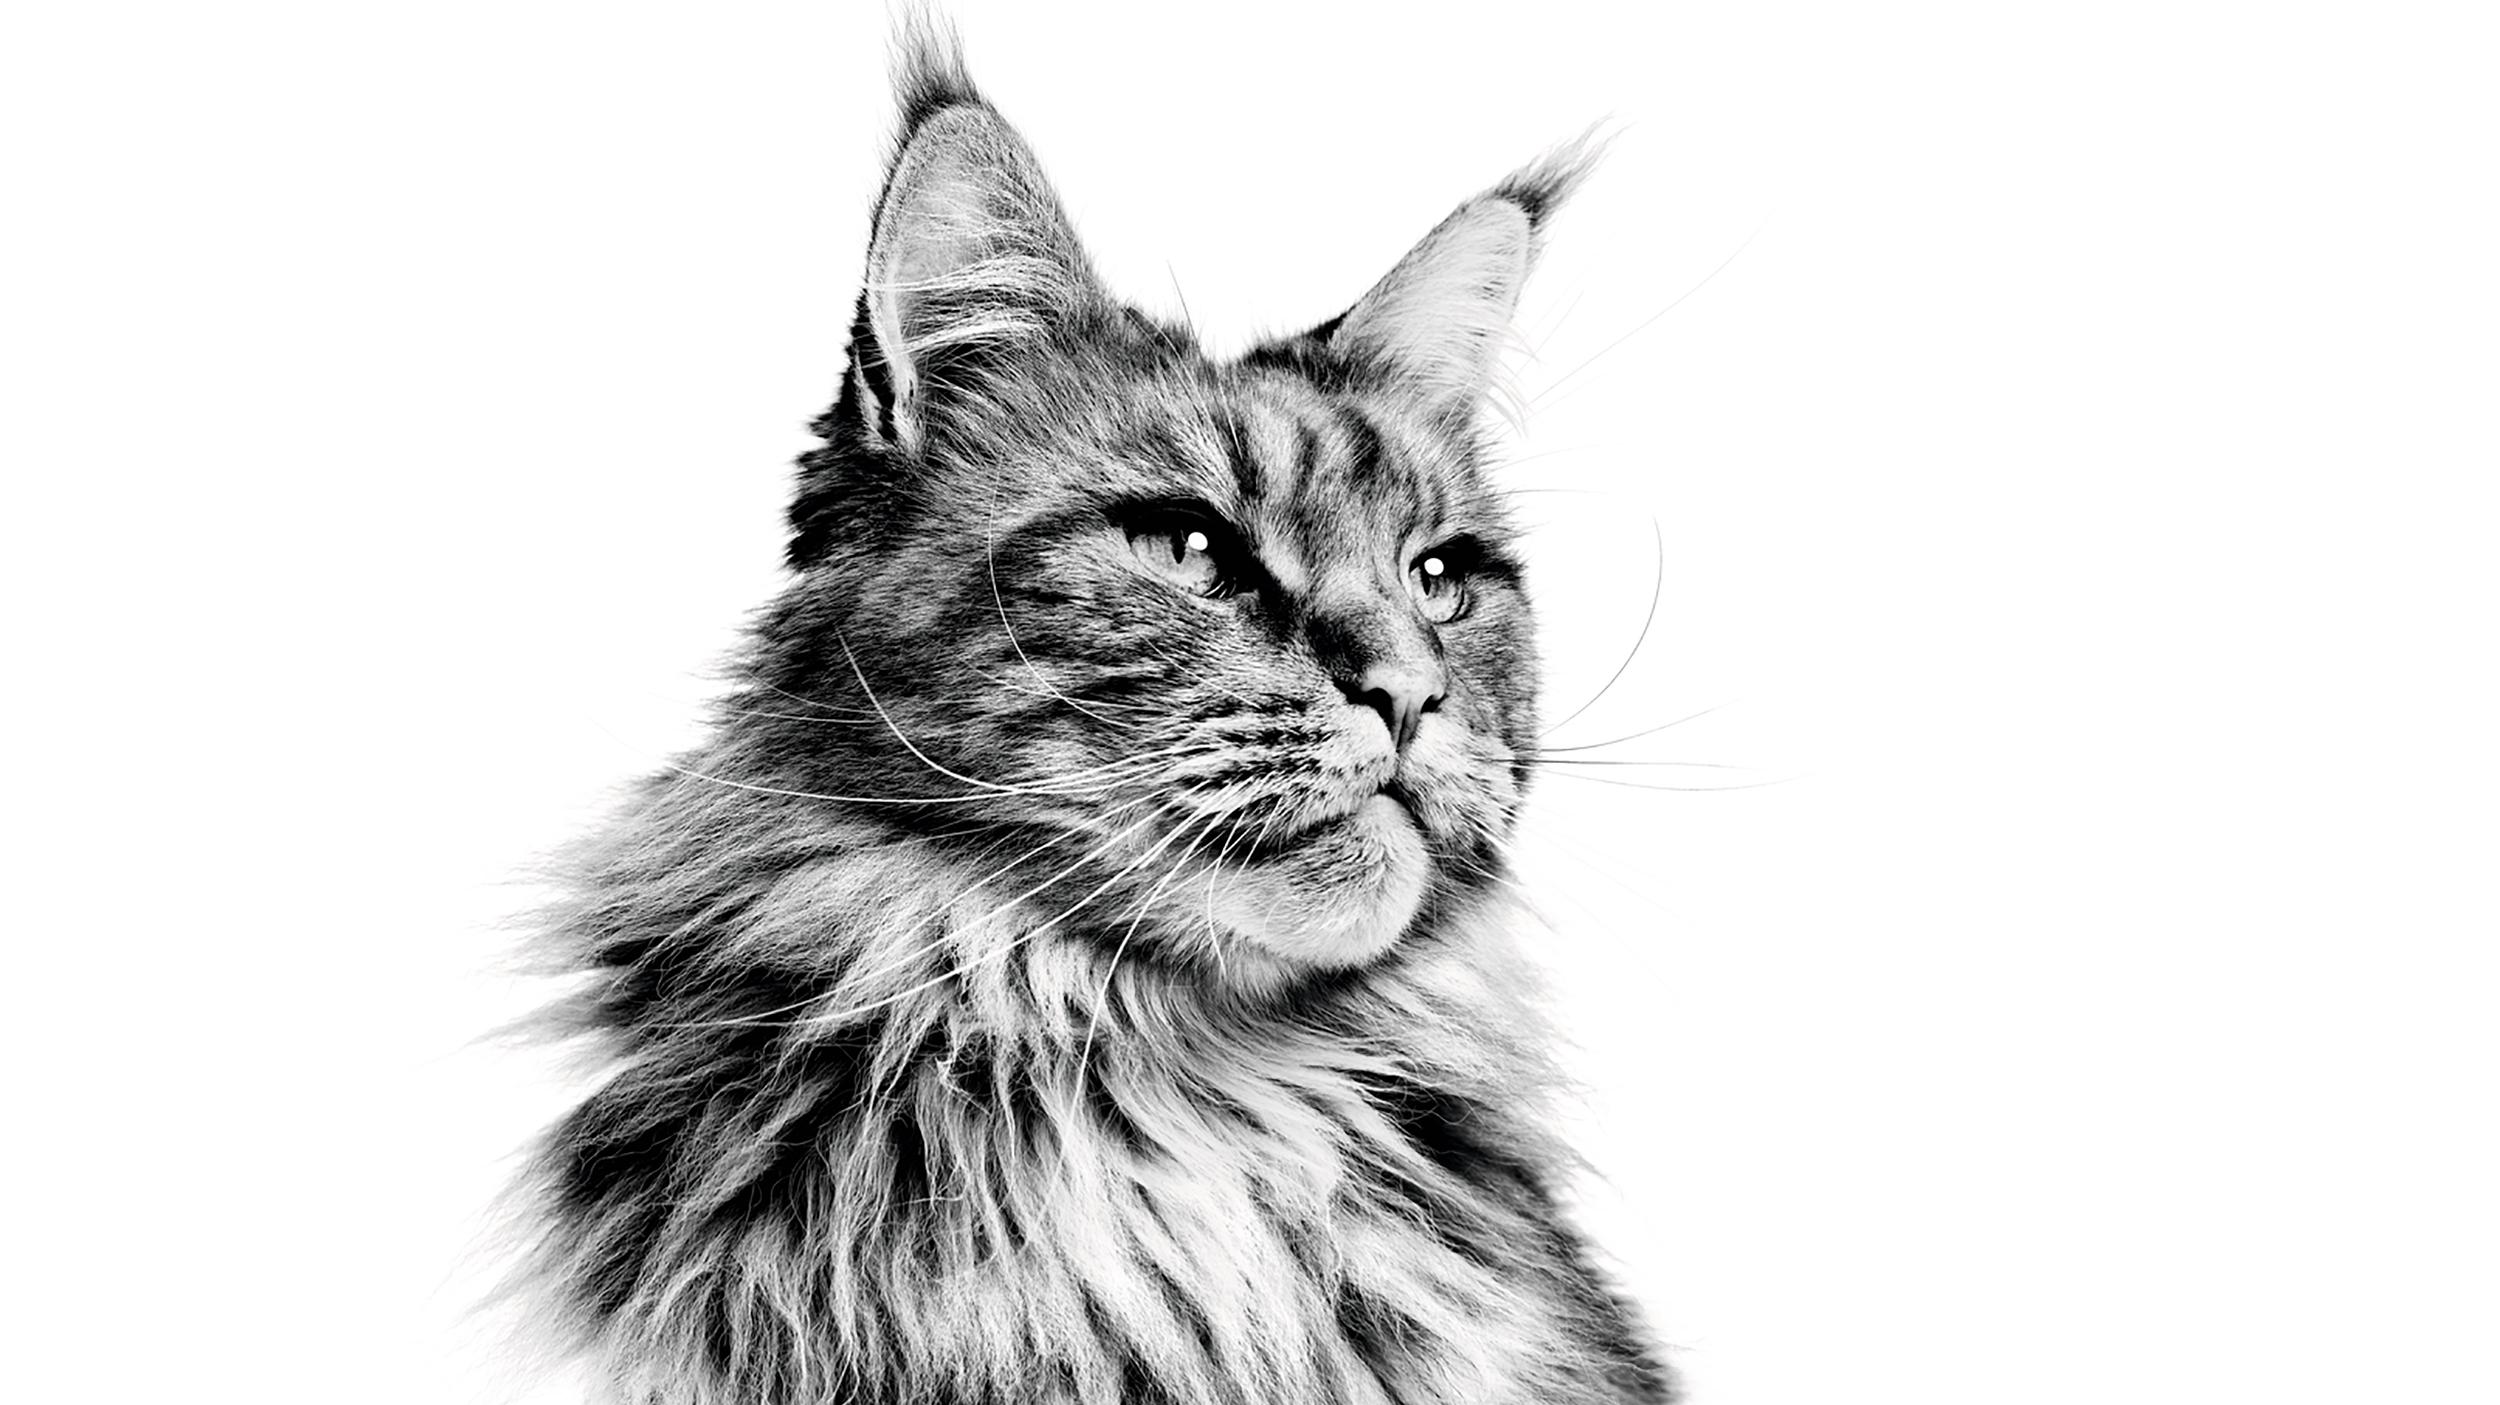 Harga Kucing Maine Coon Dan Lokasi Beli Di Indonesia Info Binatang